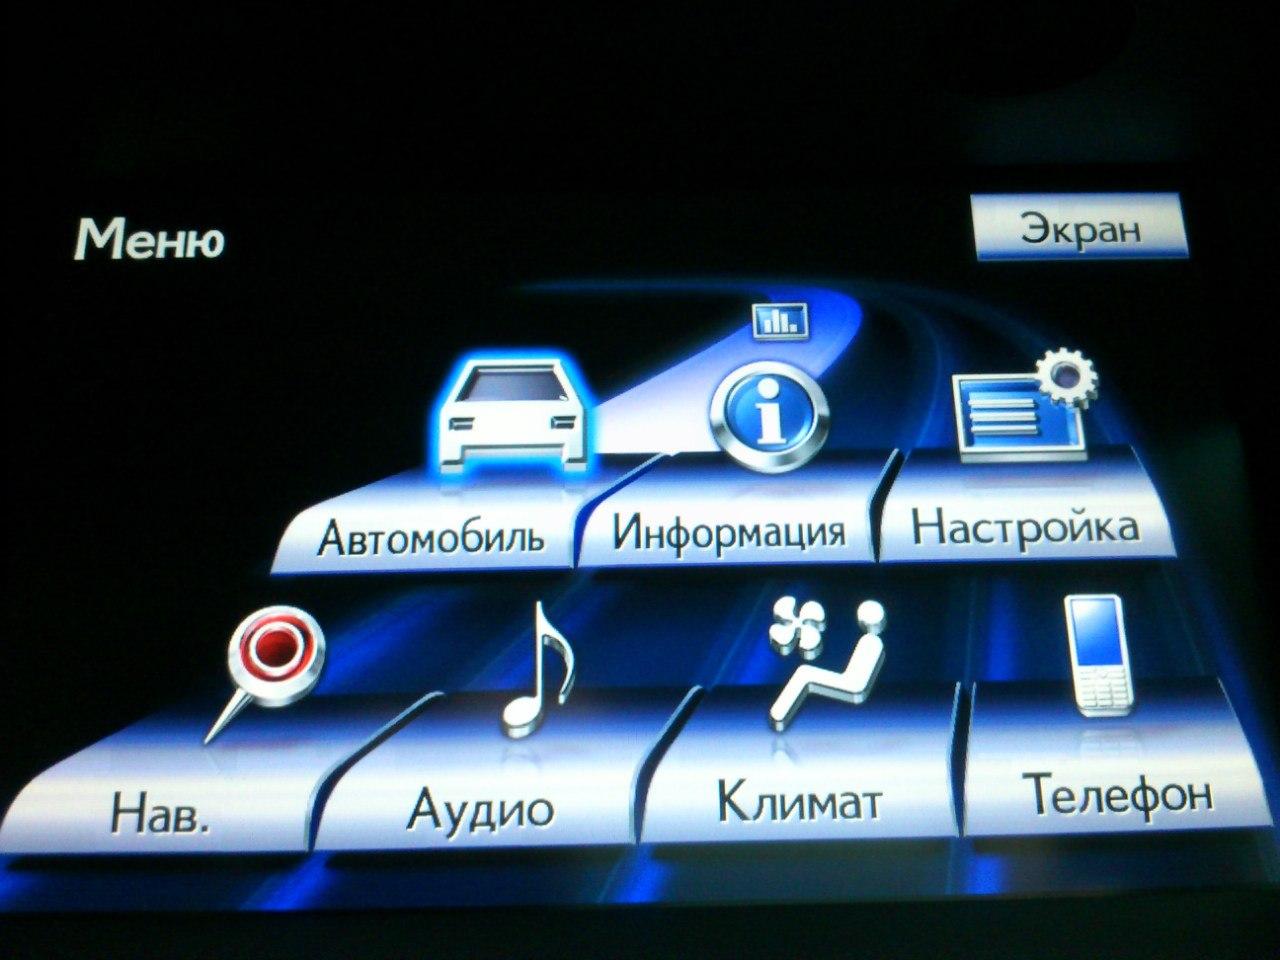 Меню Lexus ES 2013